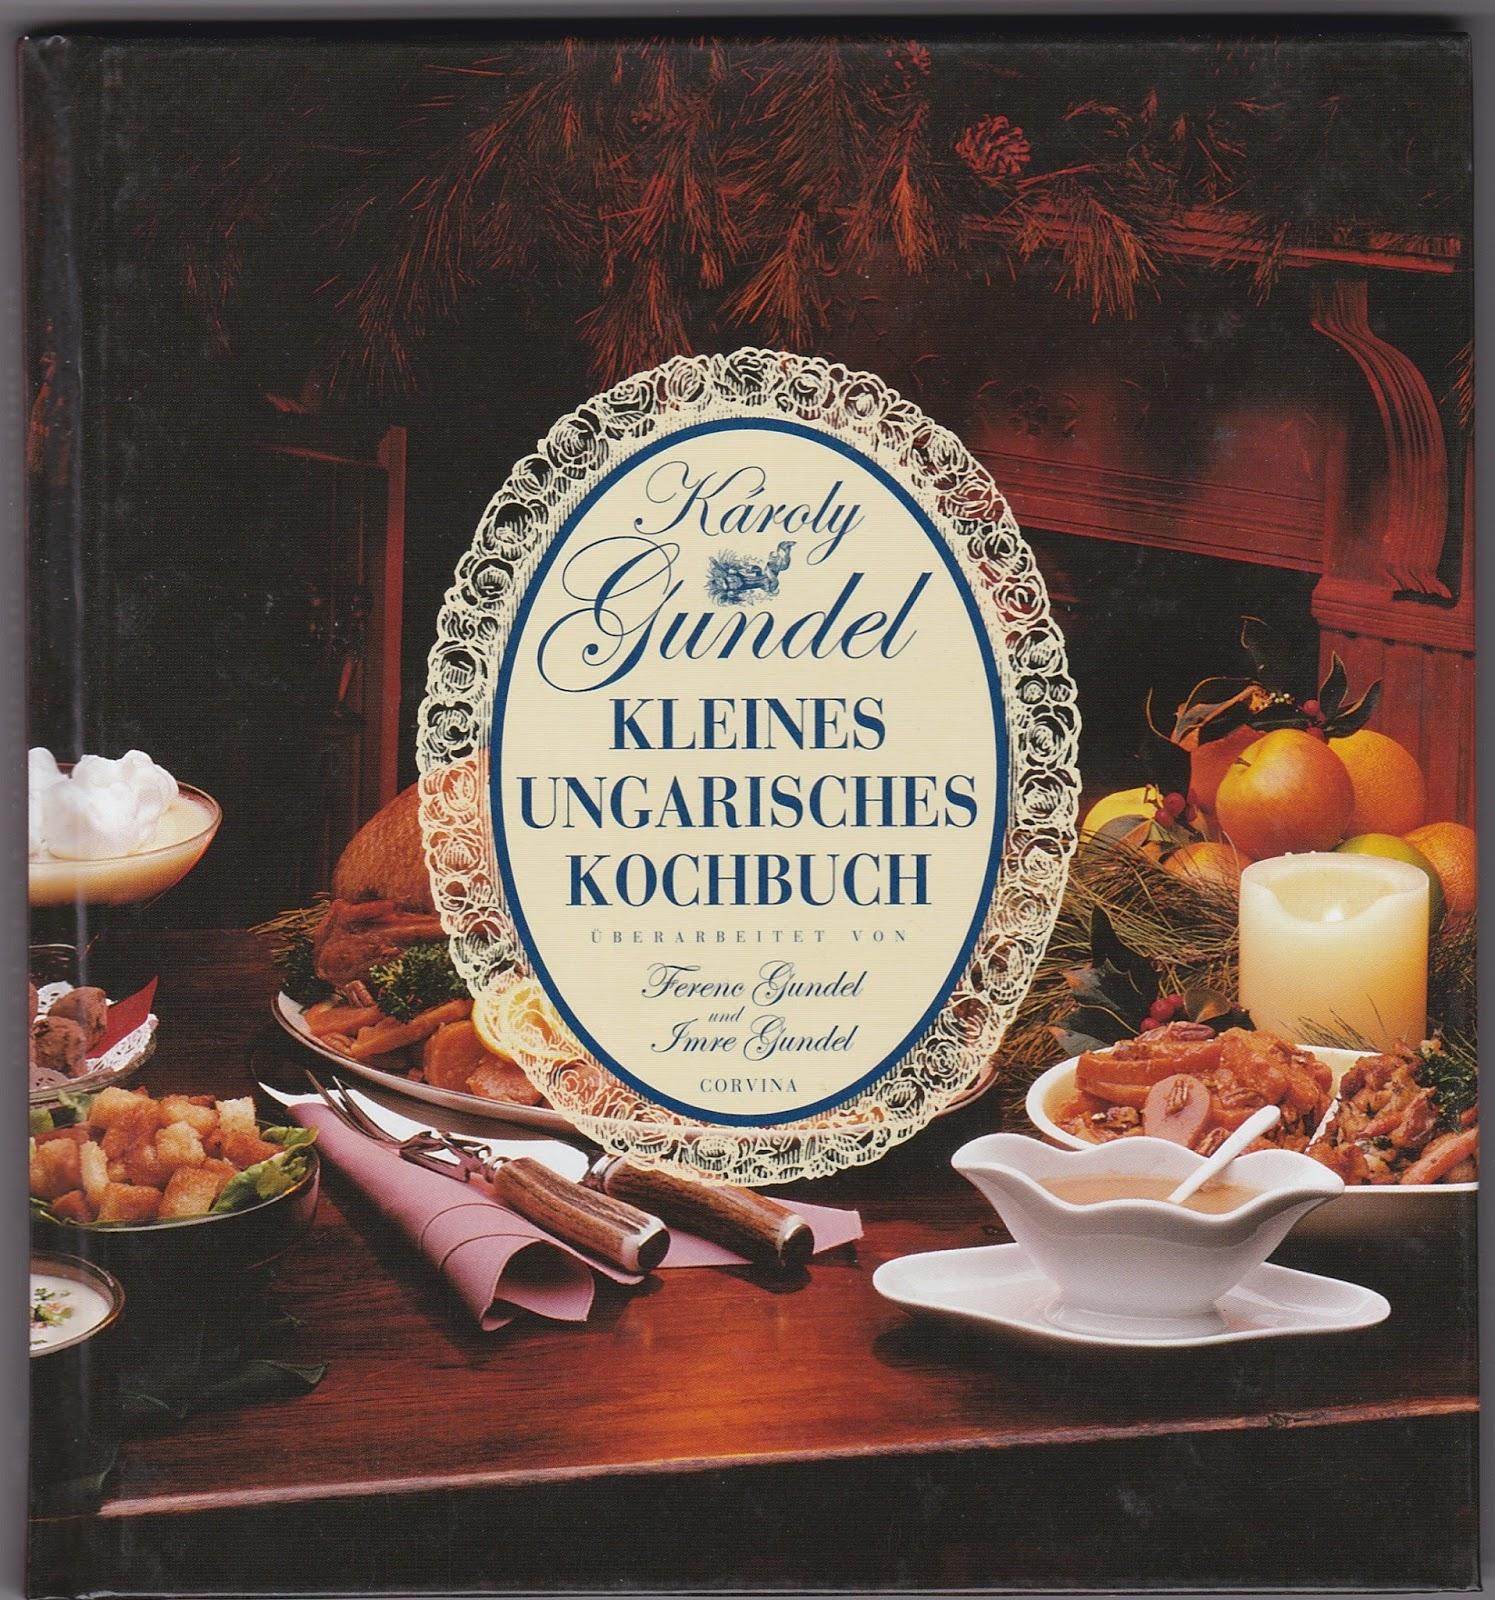 Kochbuchs chtig kleines ungarisches kochbuch for Ungarisches paprikapulver